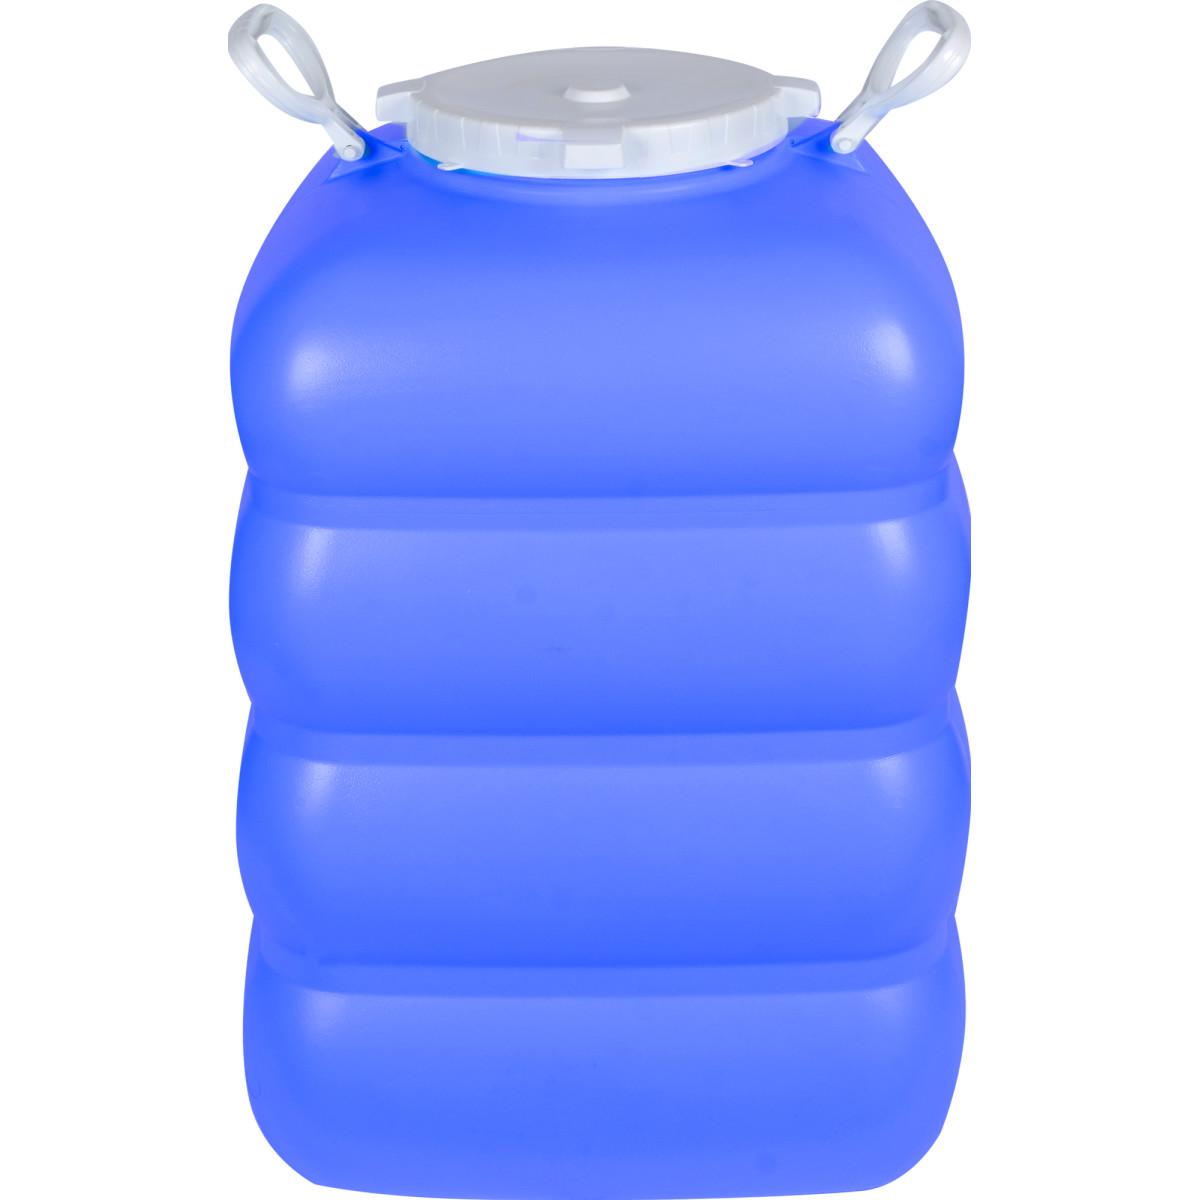 Фляга Пищевая «Гранде» 100 Л Цвет Фиолетовый